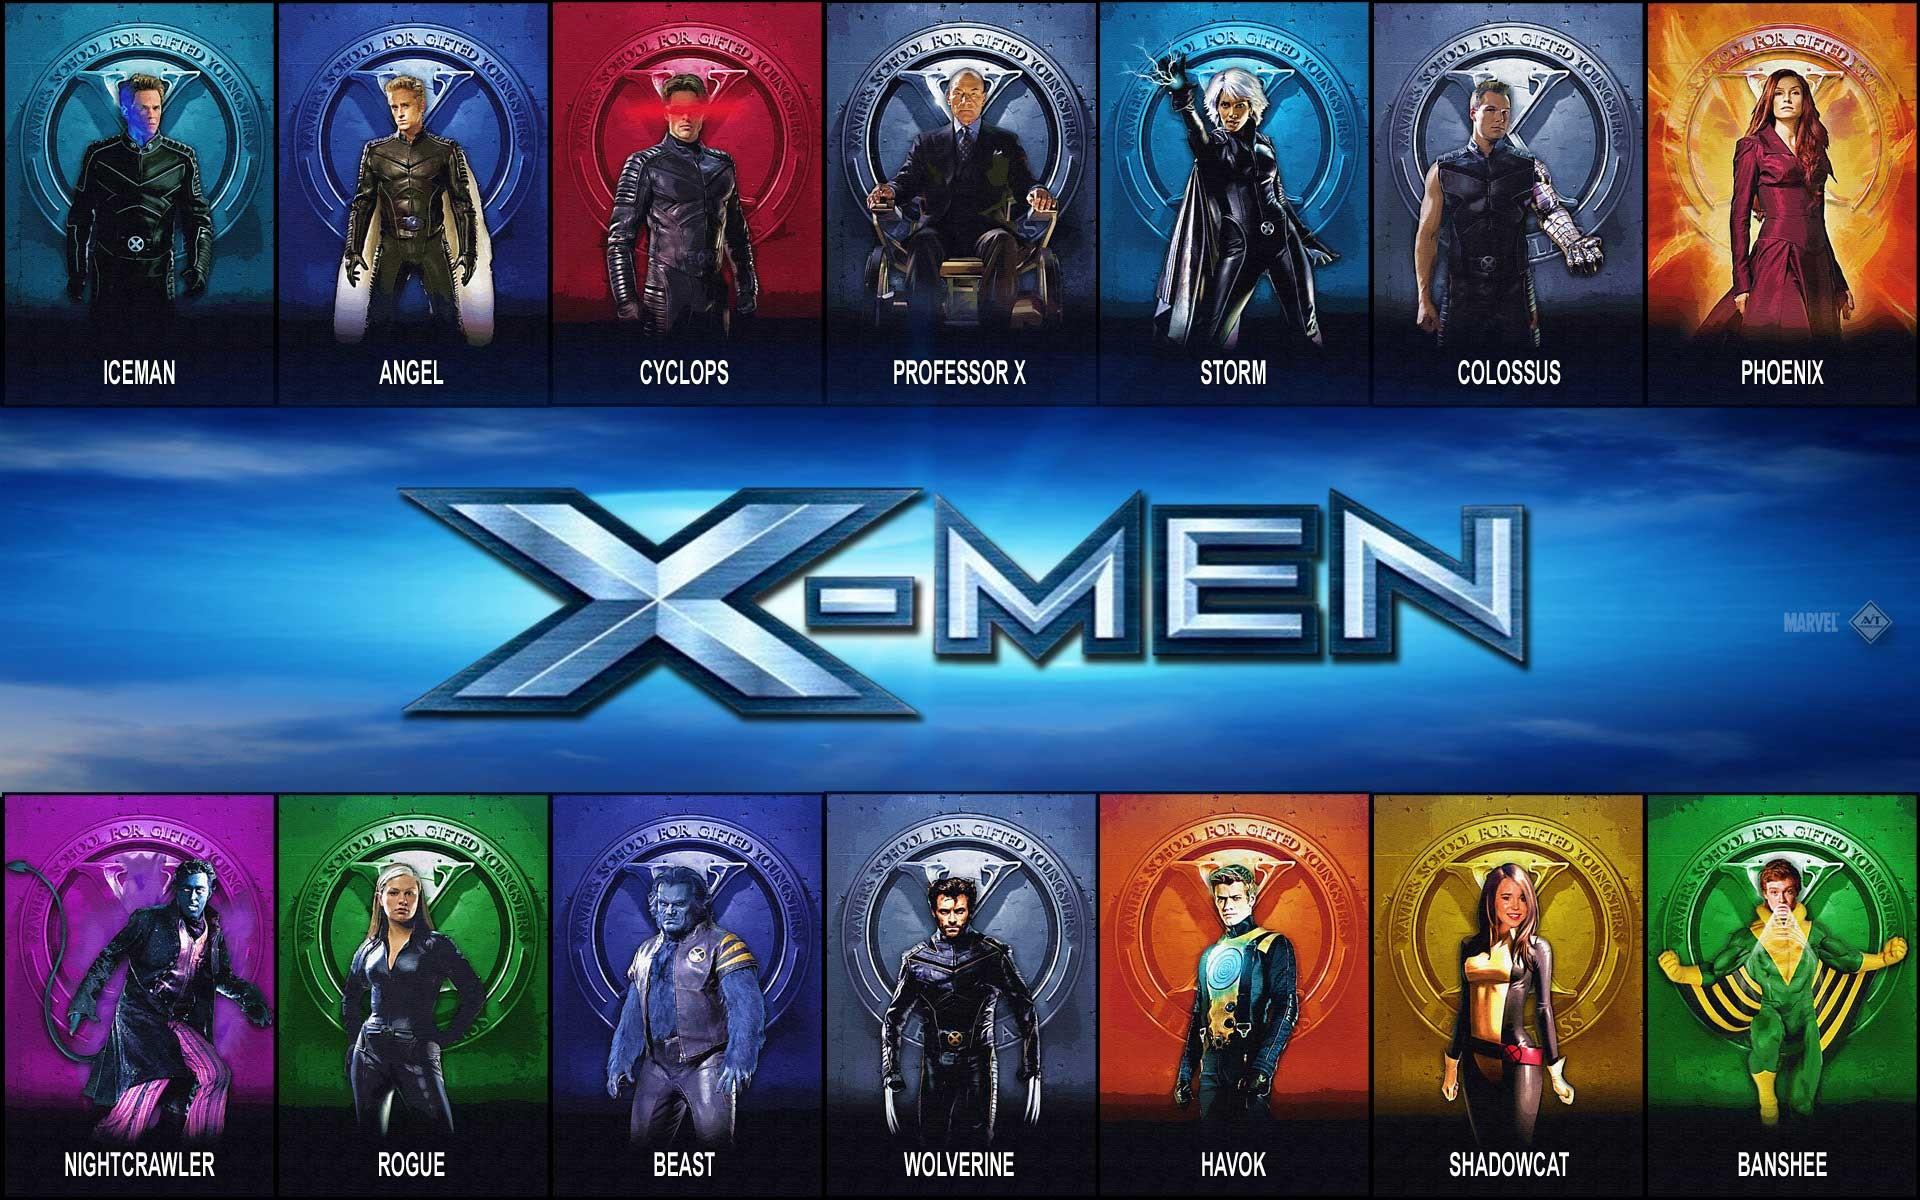 x men wallpaper | x men wallpaper – Part 4